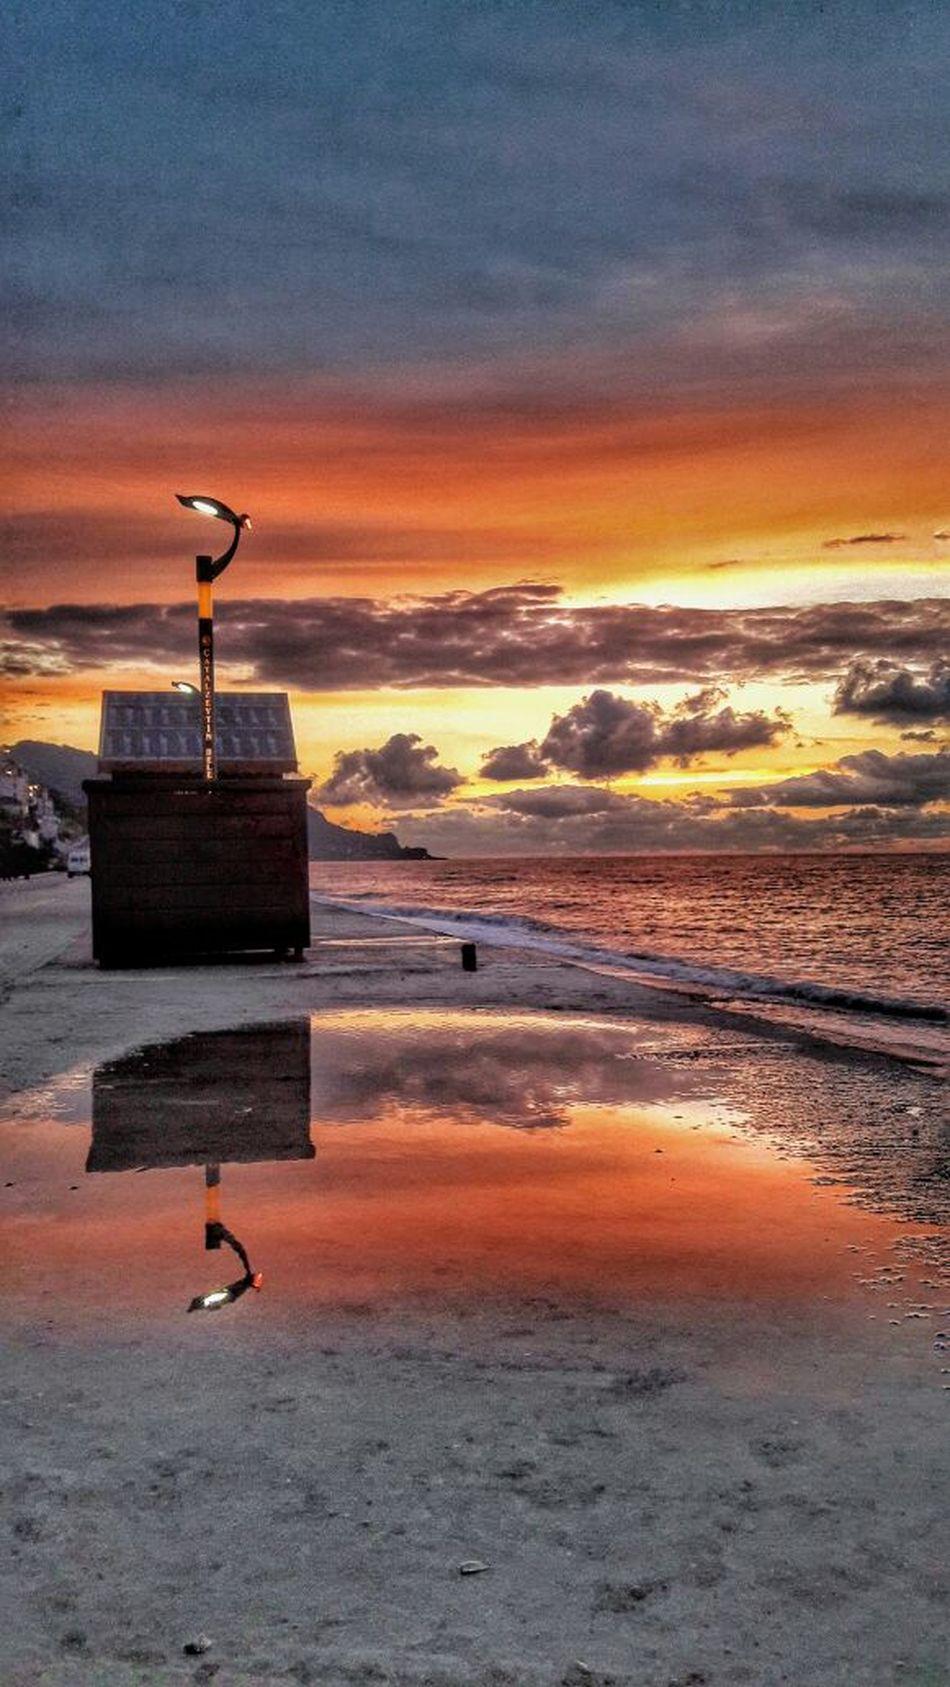 Sea Turkey Kastamonu Turkeykastamonu Photography Photoart Photoday Life Lifestyles